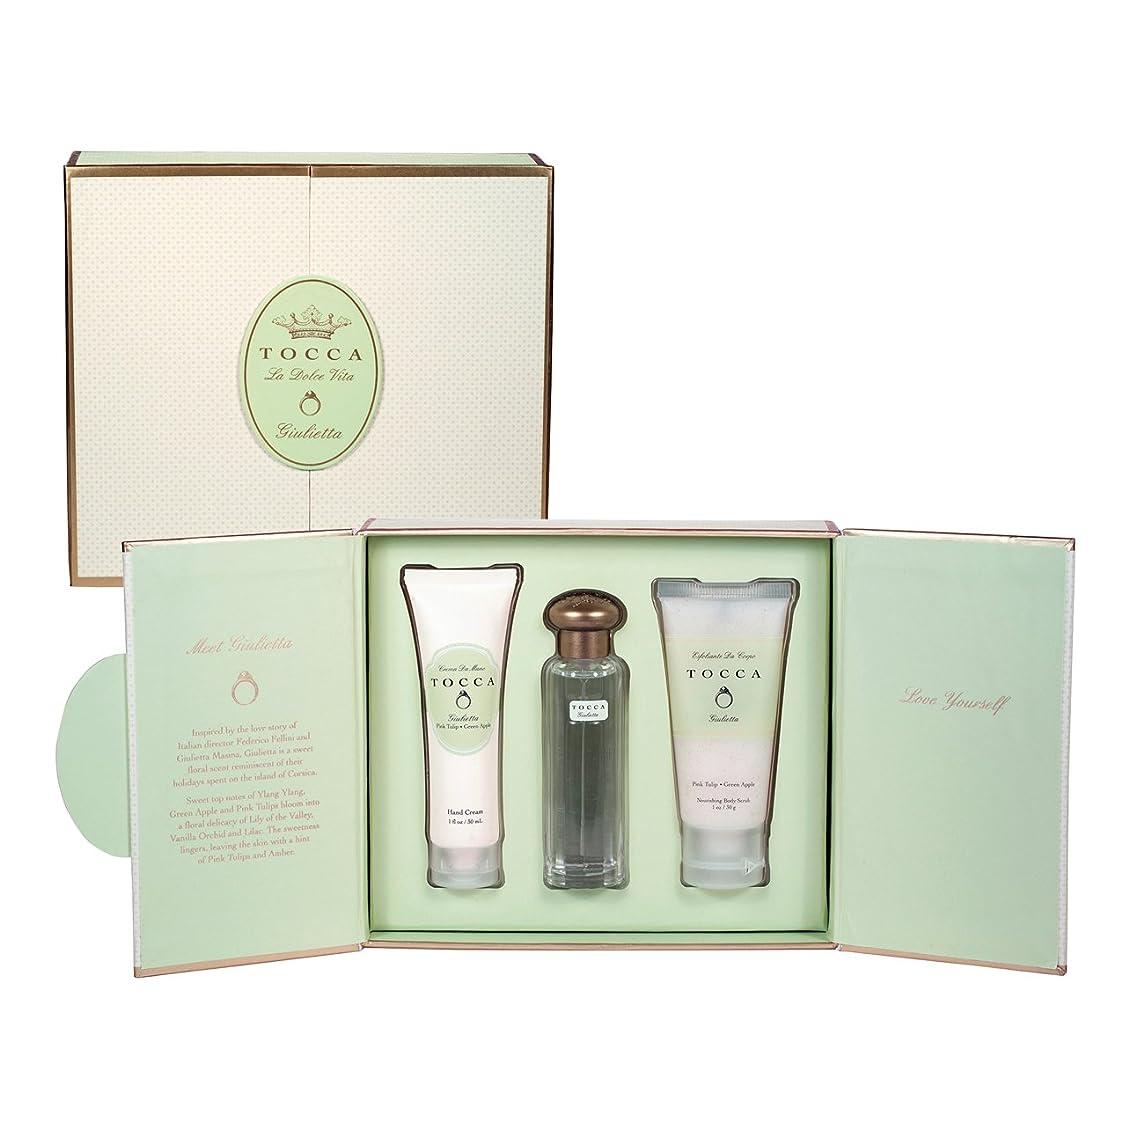 請求書失速純度トッカ(TOCCA) ドルチェヴィータコレクション ジュリエッタの香り (香水20ml、ハンドクリーム30ml、ボディーケアスクラブ30ml)